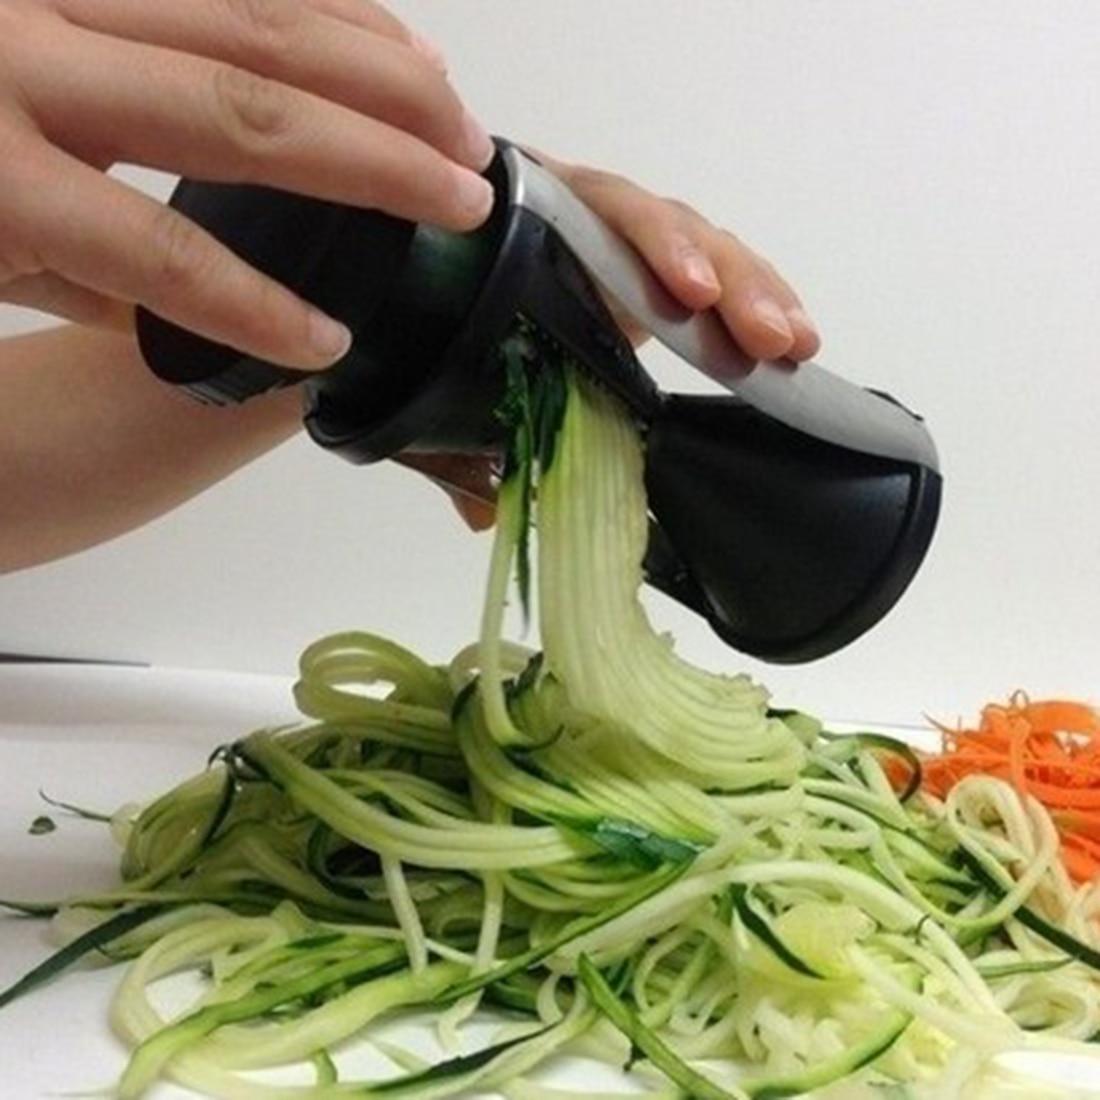 Verdura Frutta Spirale Shred Process Device Cutter Peeler Attrezzo Della Cucina Affettatrice spirelli spiralizer julienne cutter